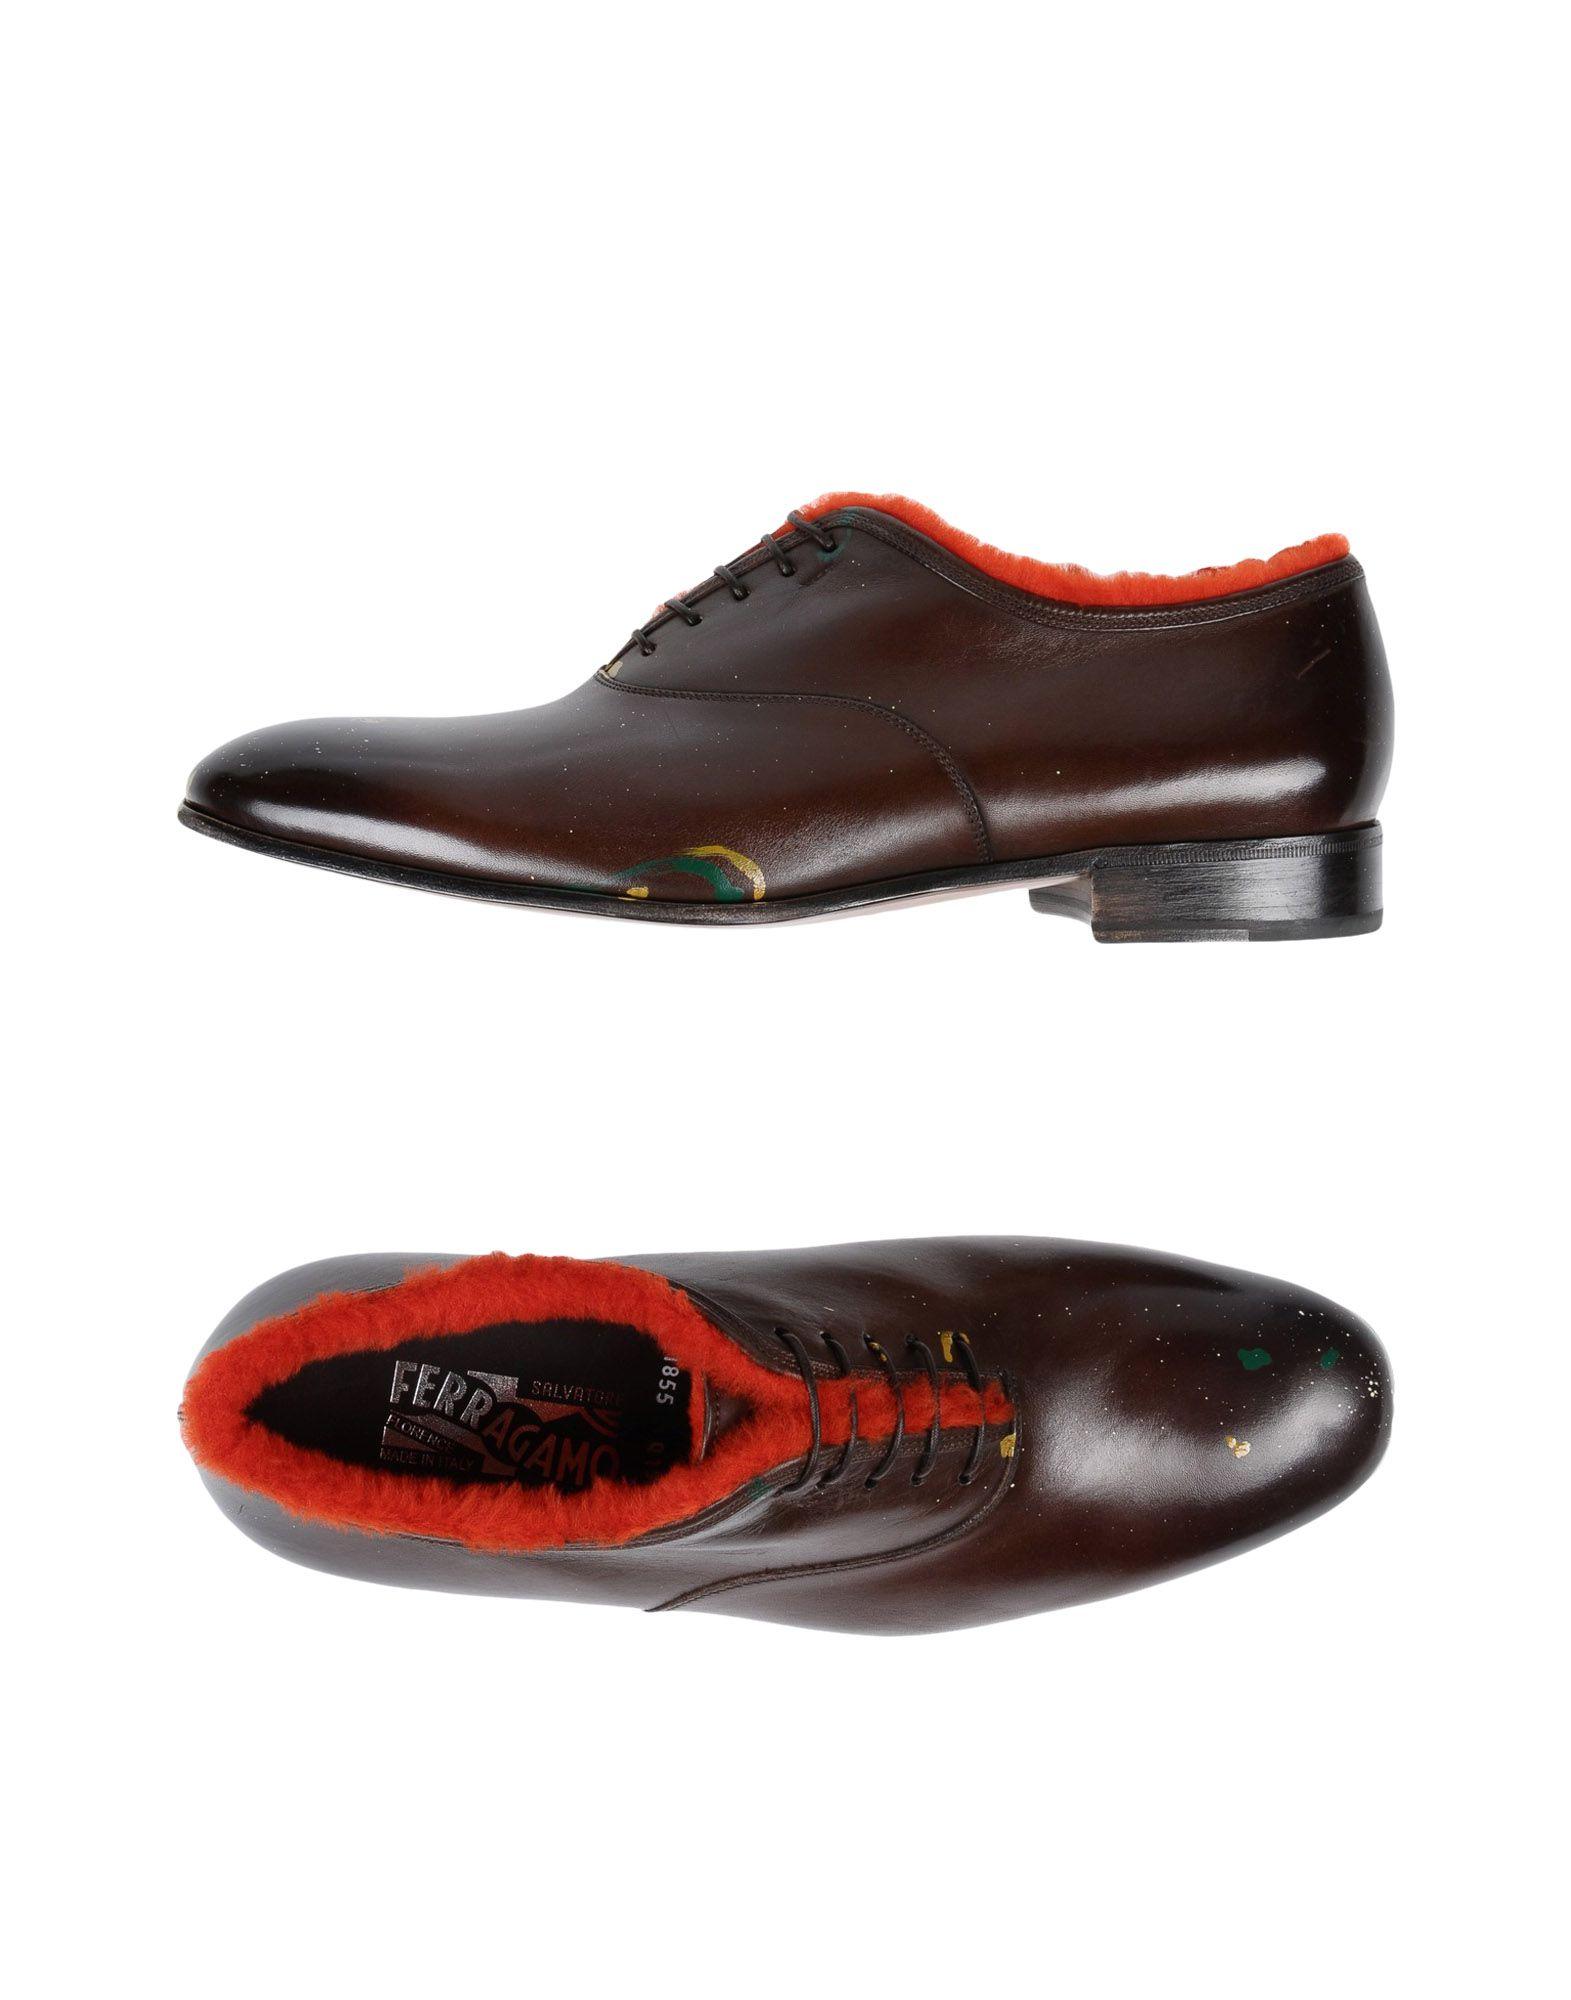 Salvatore Ferragamo Schnürschuhe Herren  11505283JF Gute Qualität beliebte Schuhe